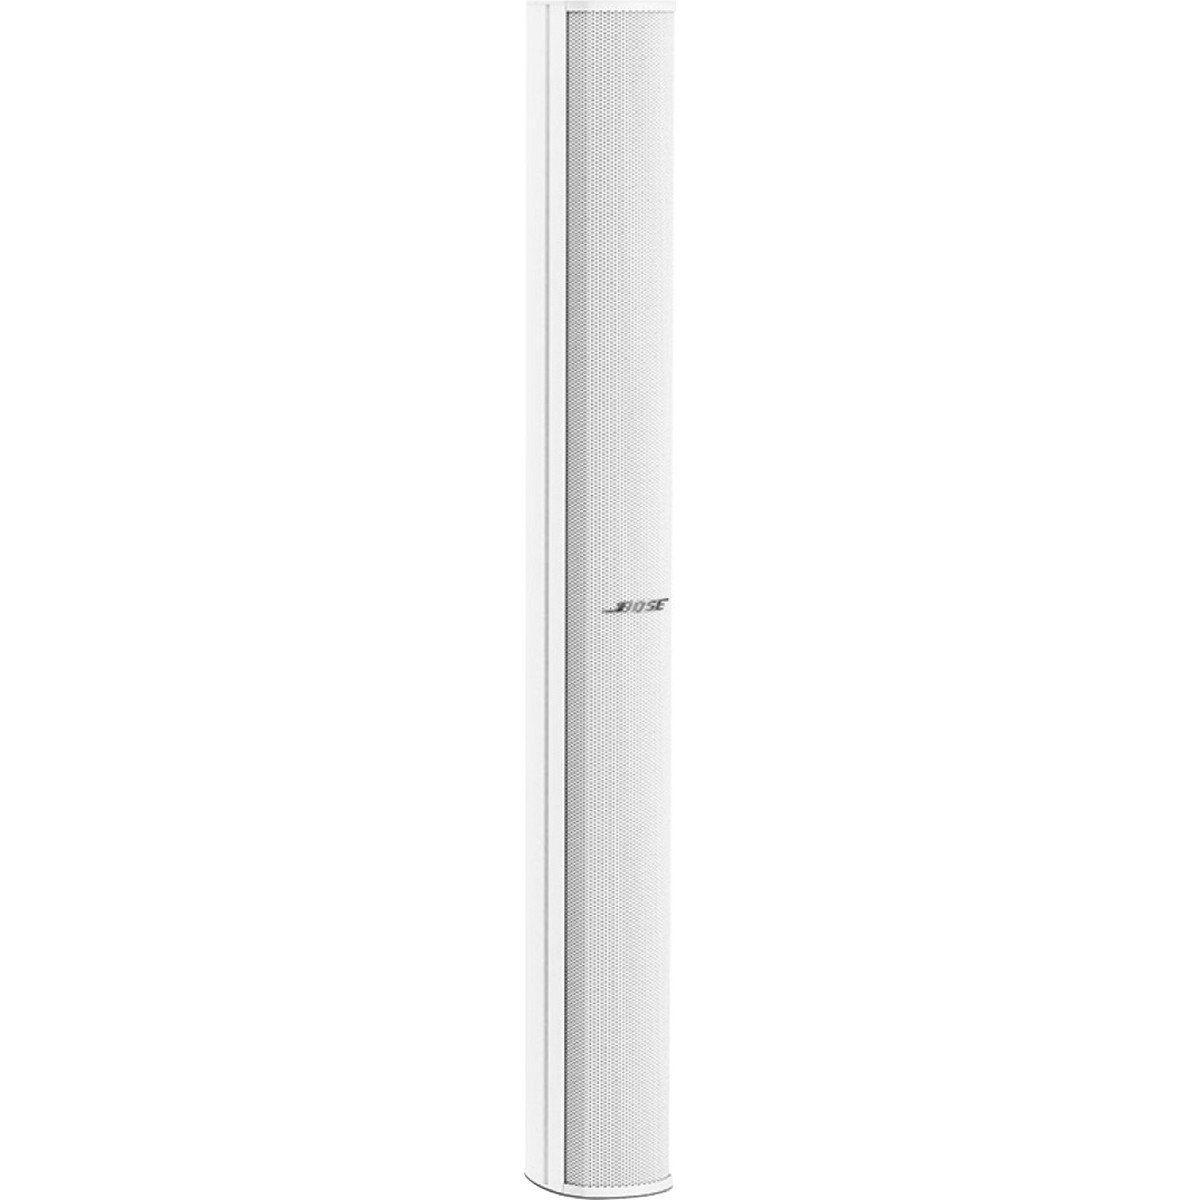 Bose Live MA12 Paranay Sistema de Som Bose LiveMA12 Paranay com 1200W